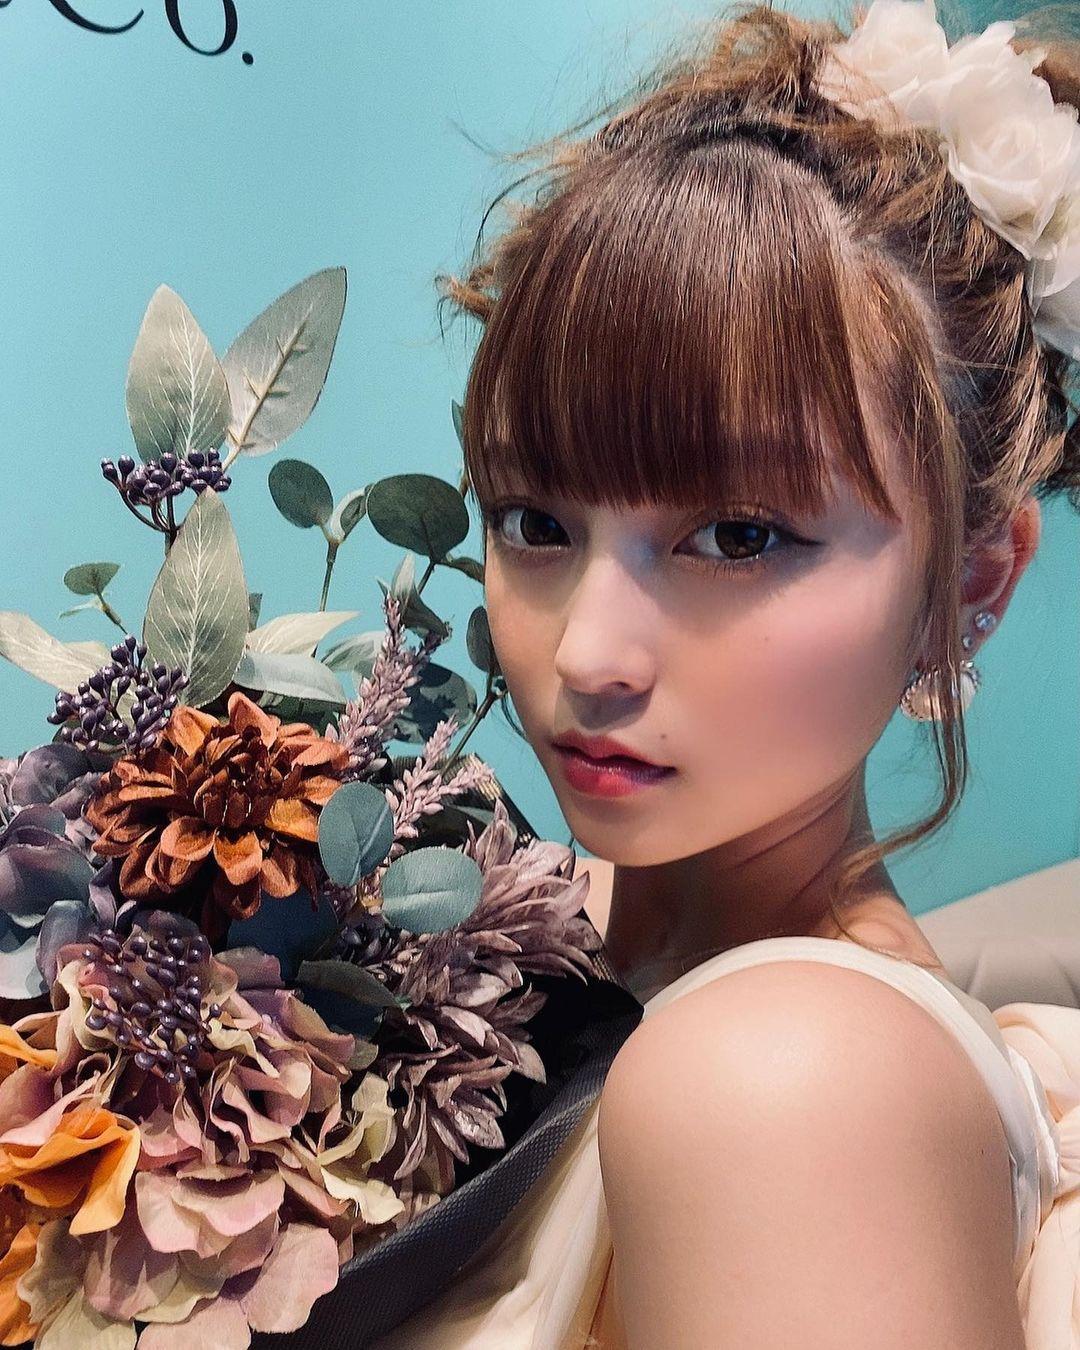 今年刚高中毕业 18 岁美少女樱井音乃身材整个无敌 网络美女 第16张